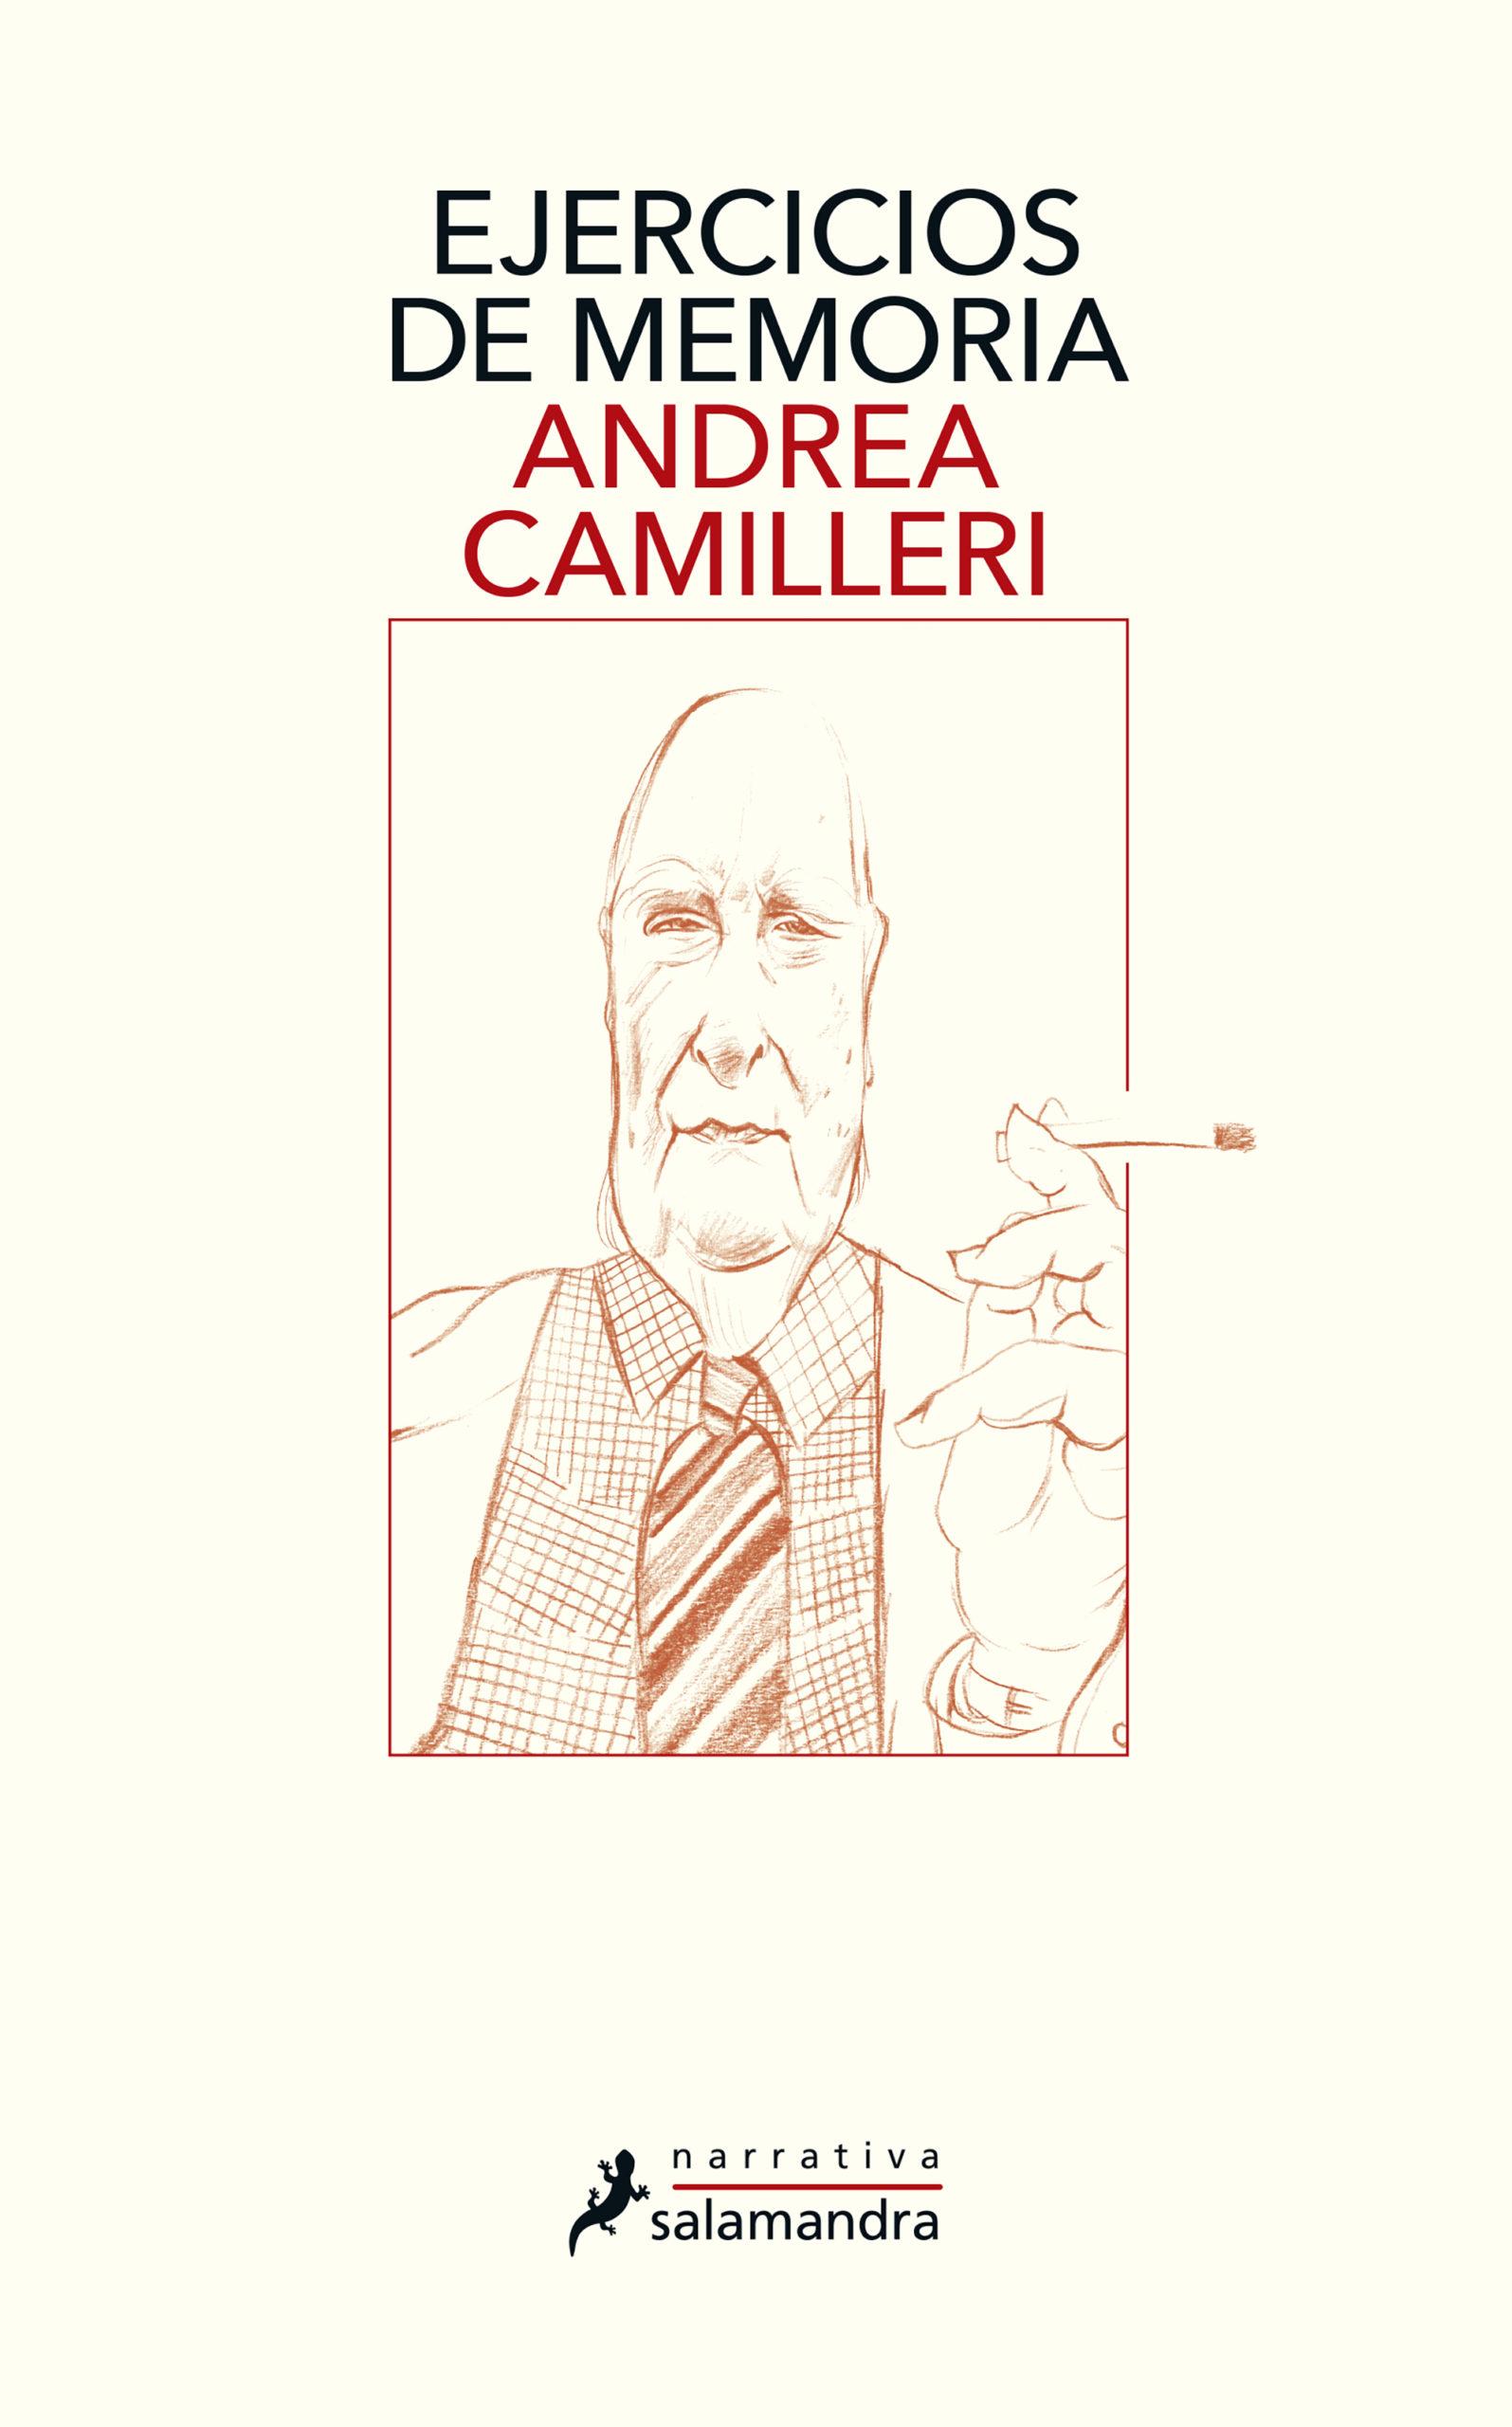 Ejercicios de Memoria - Andrea Camilleri